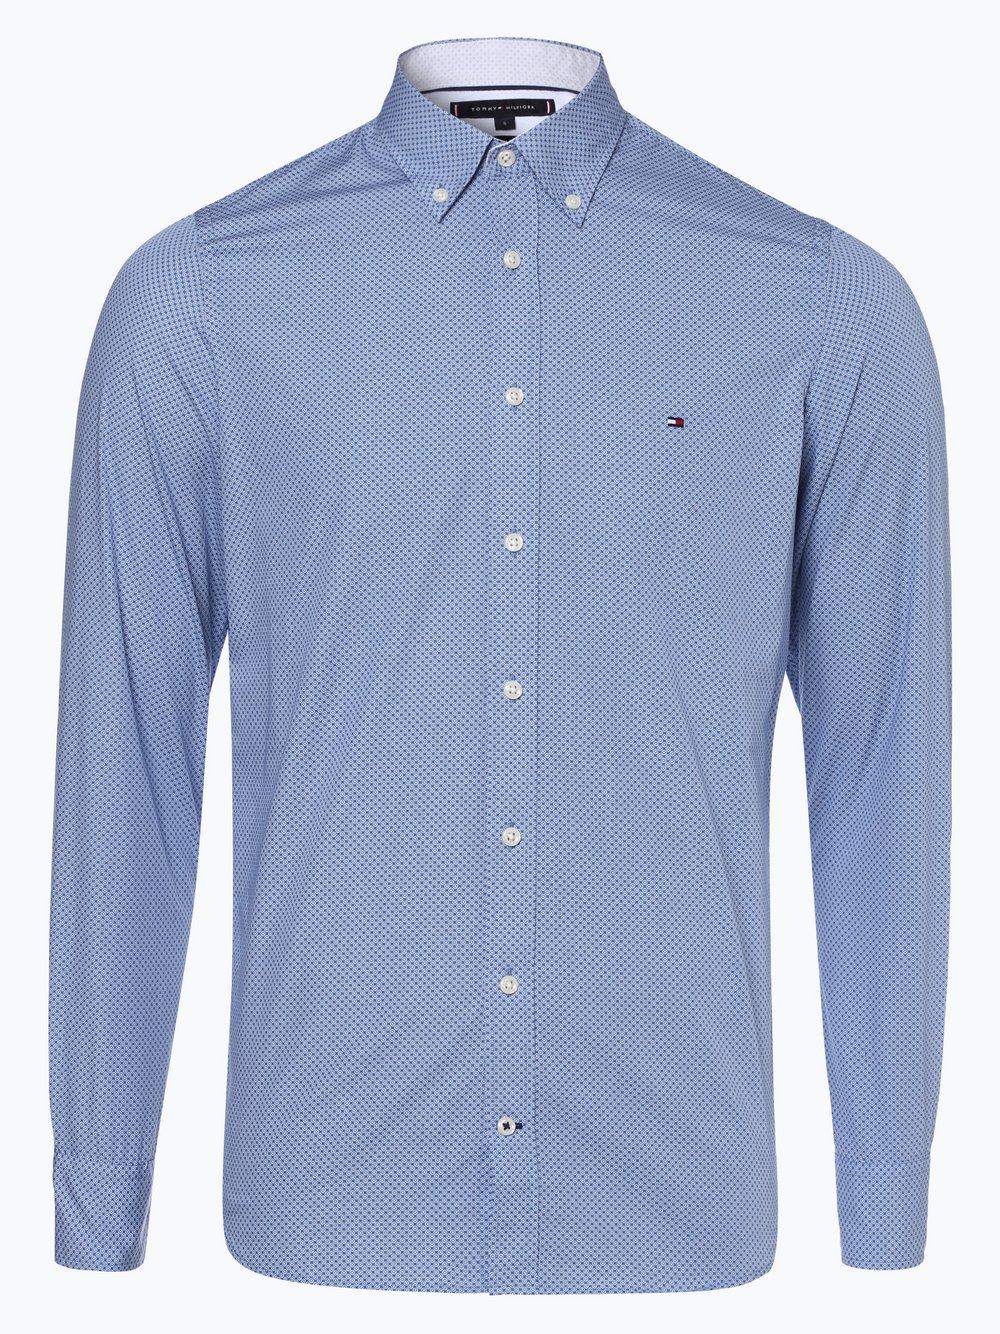 58b14f728da2 Tommy Hilfiger Herren Hemd blau gemustert online kaufen   PEEK-UND ...